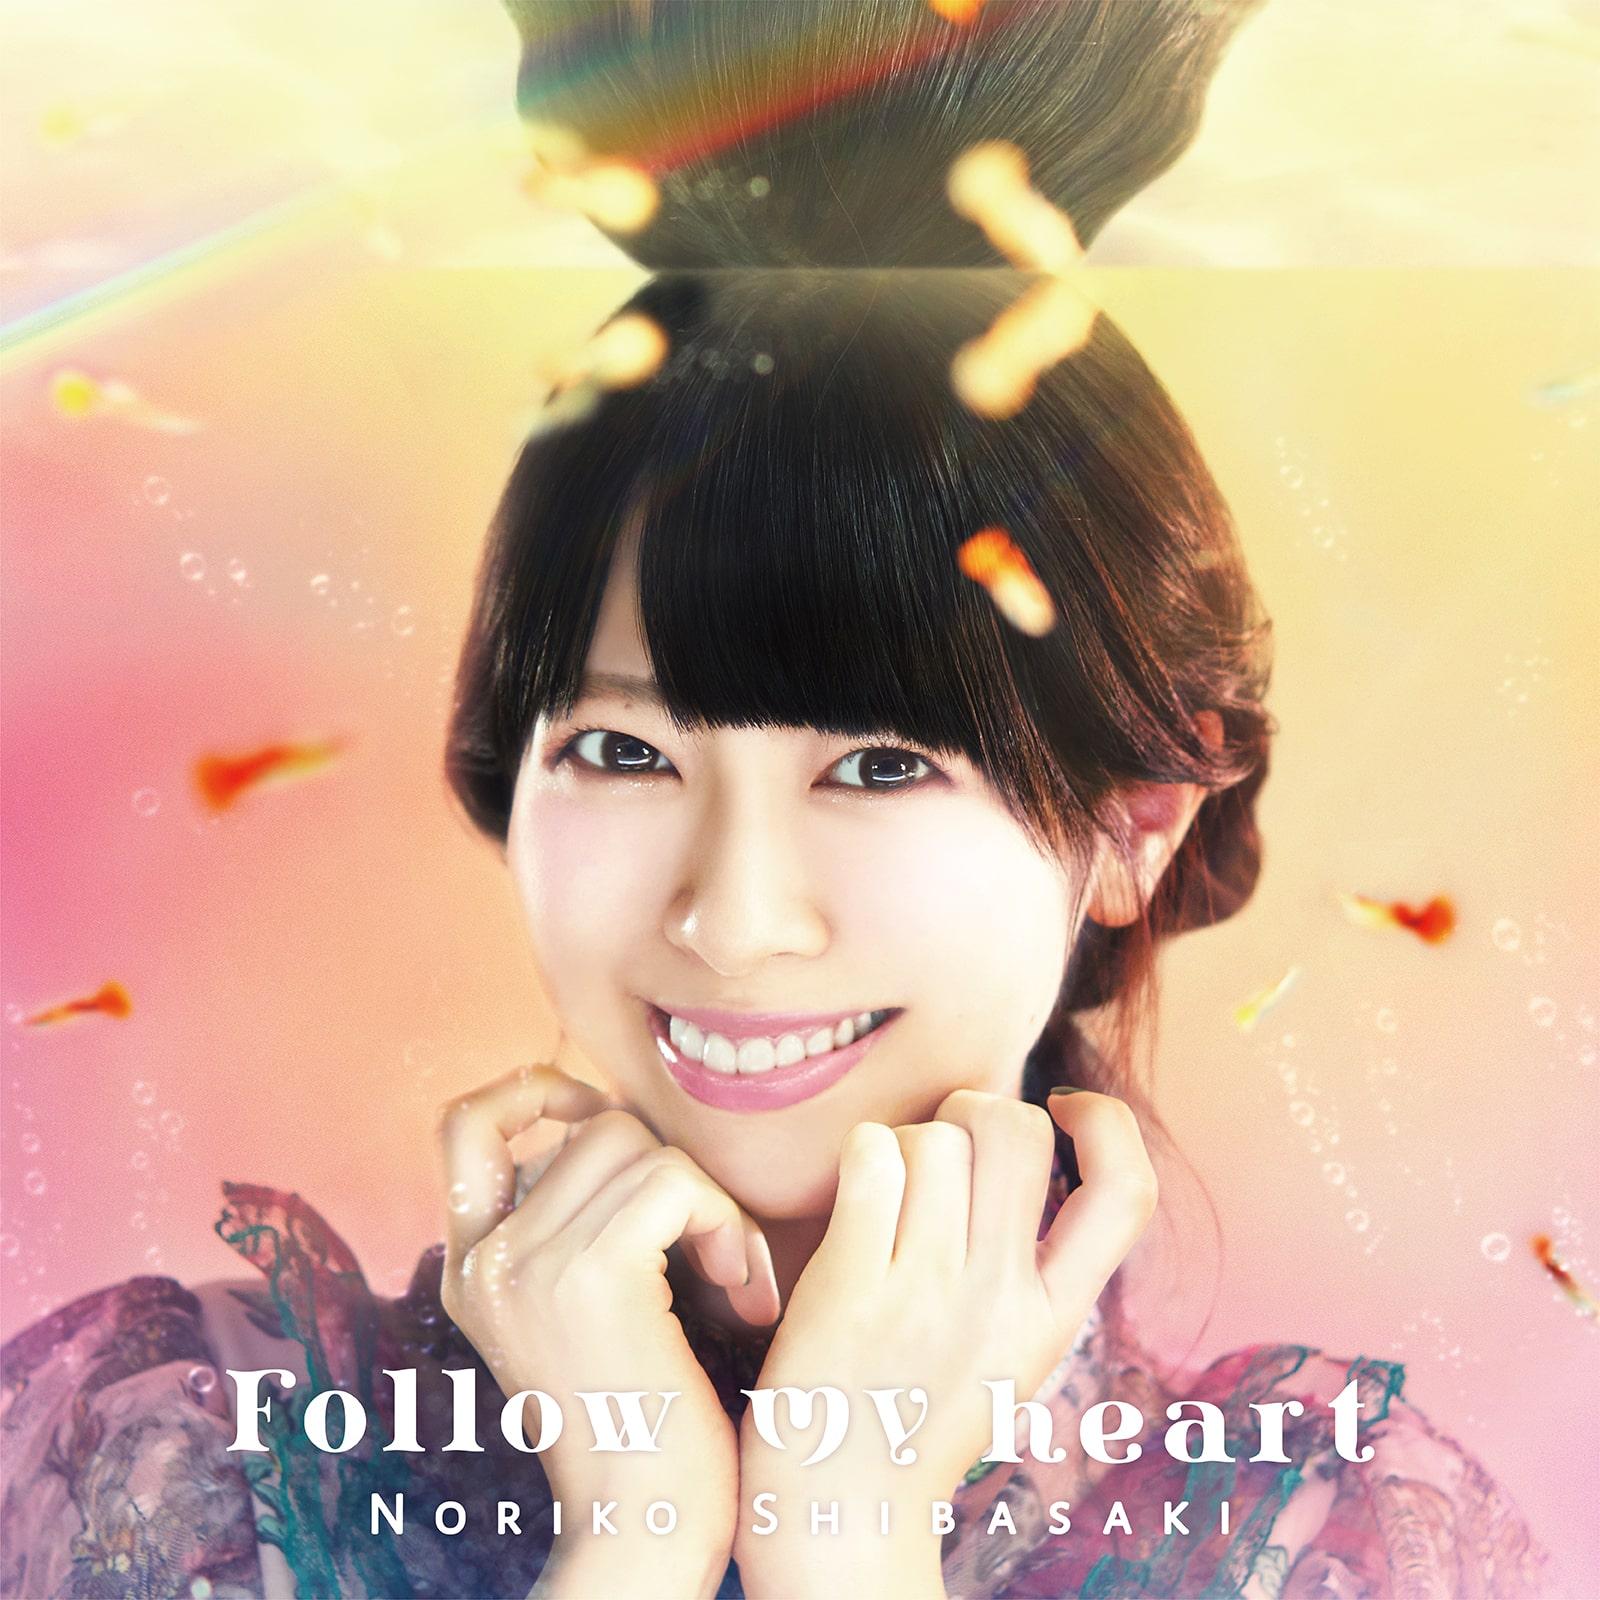 芝崎典子_Follow my heart_通常盤-min